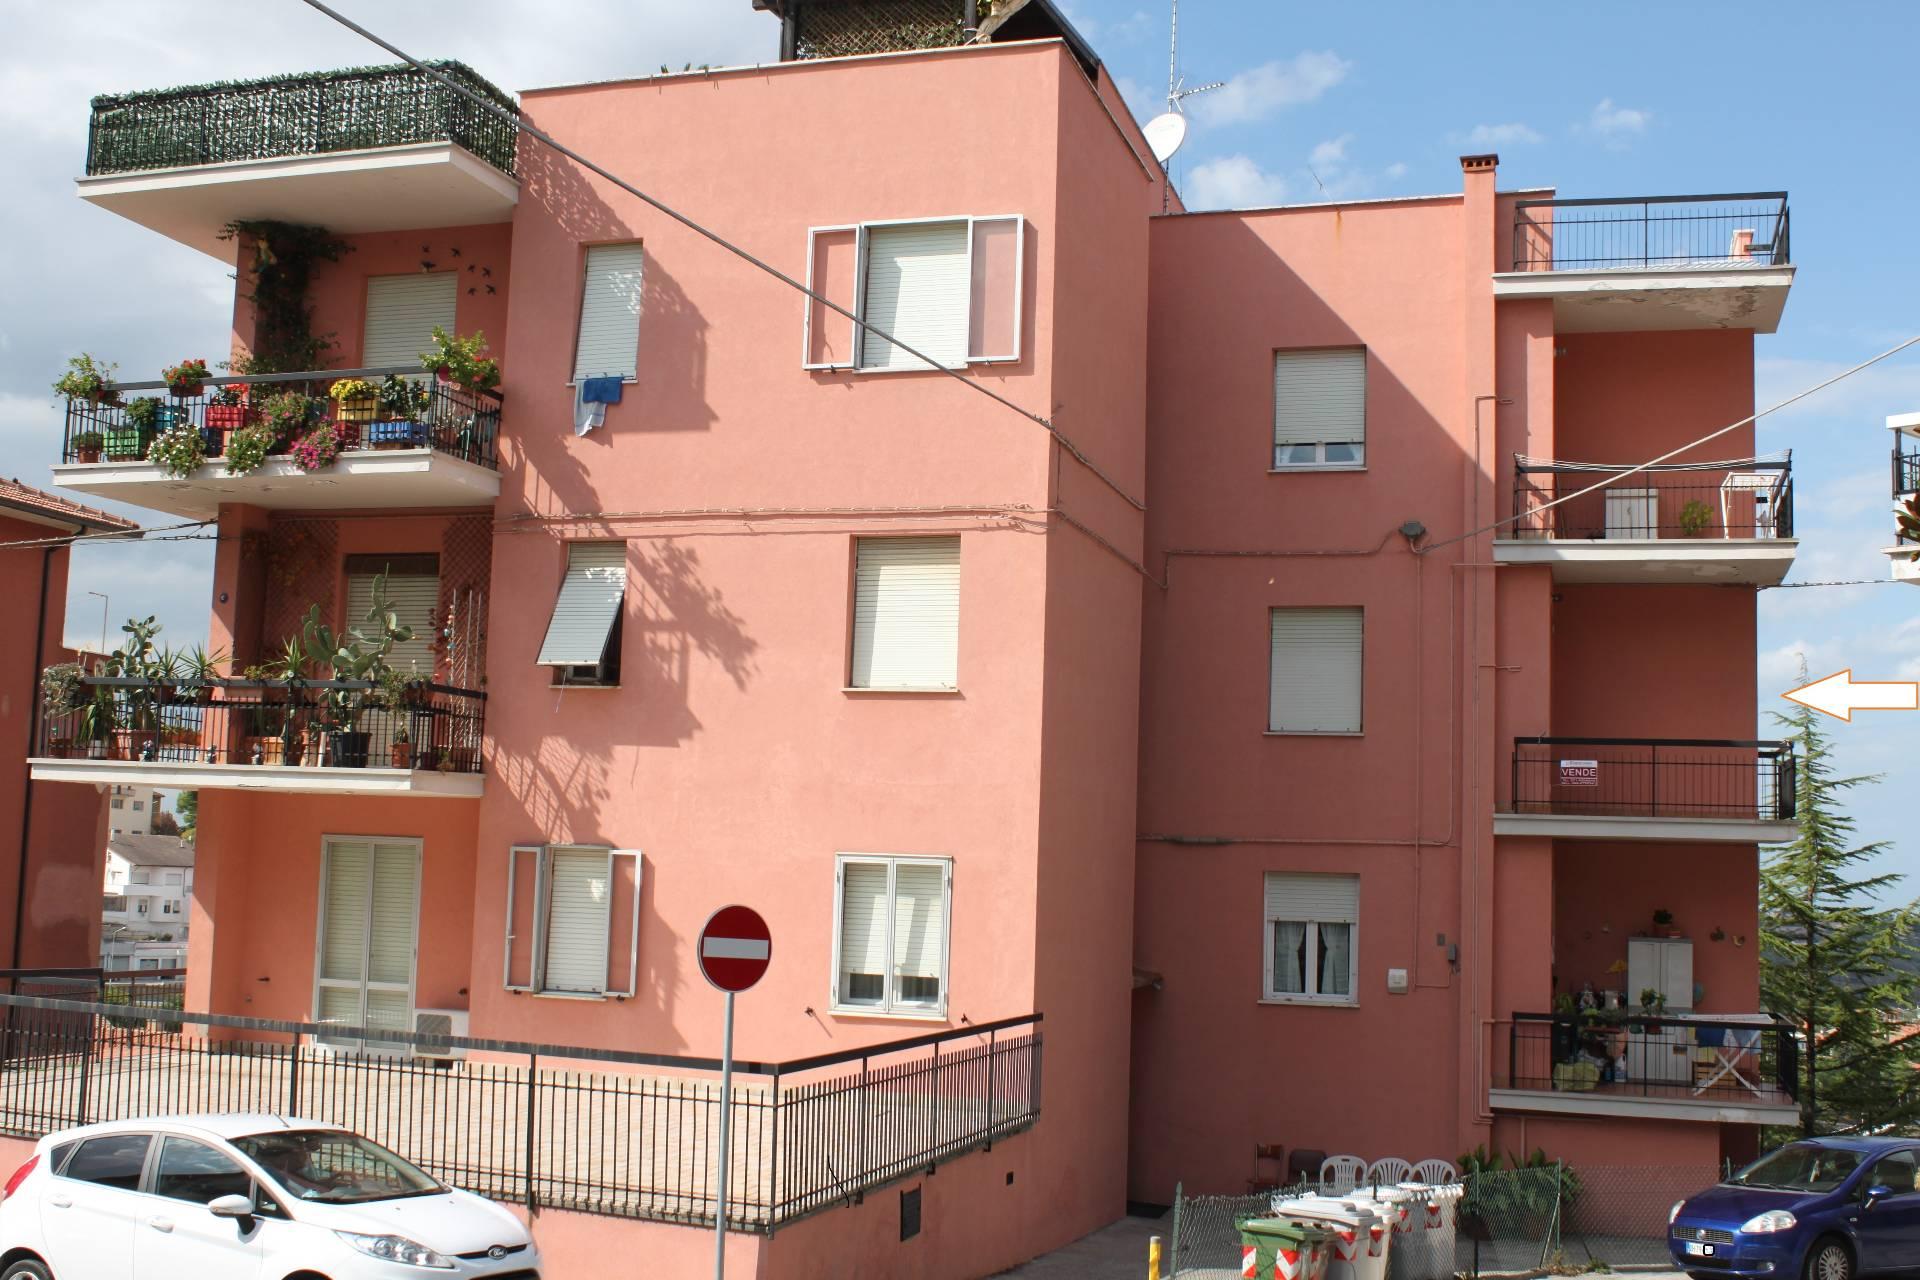 Appartamento in vendita a Agugliano, 4 locali, zona Località: Semicentro, prezzo € 89.000 | CambioCasa.it